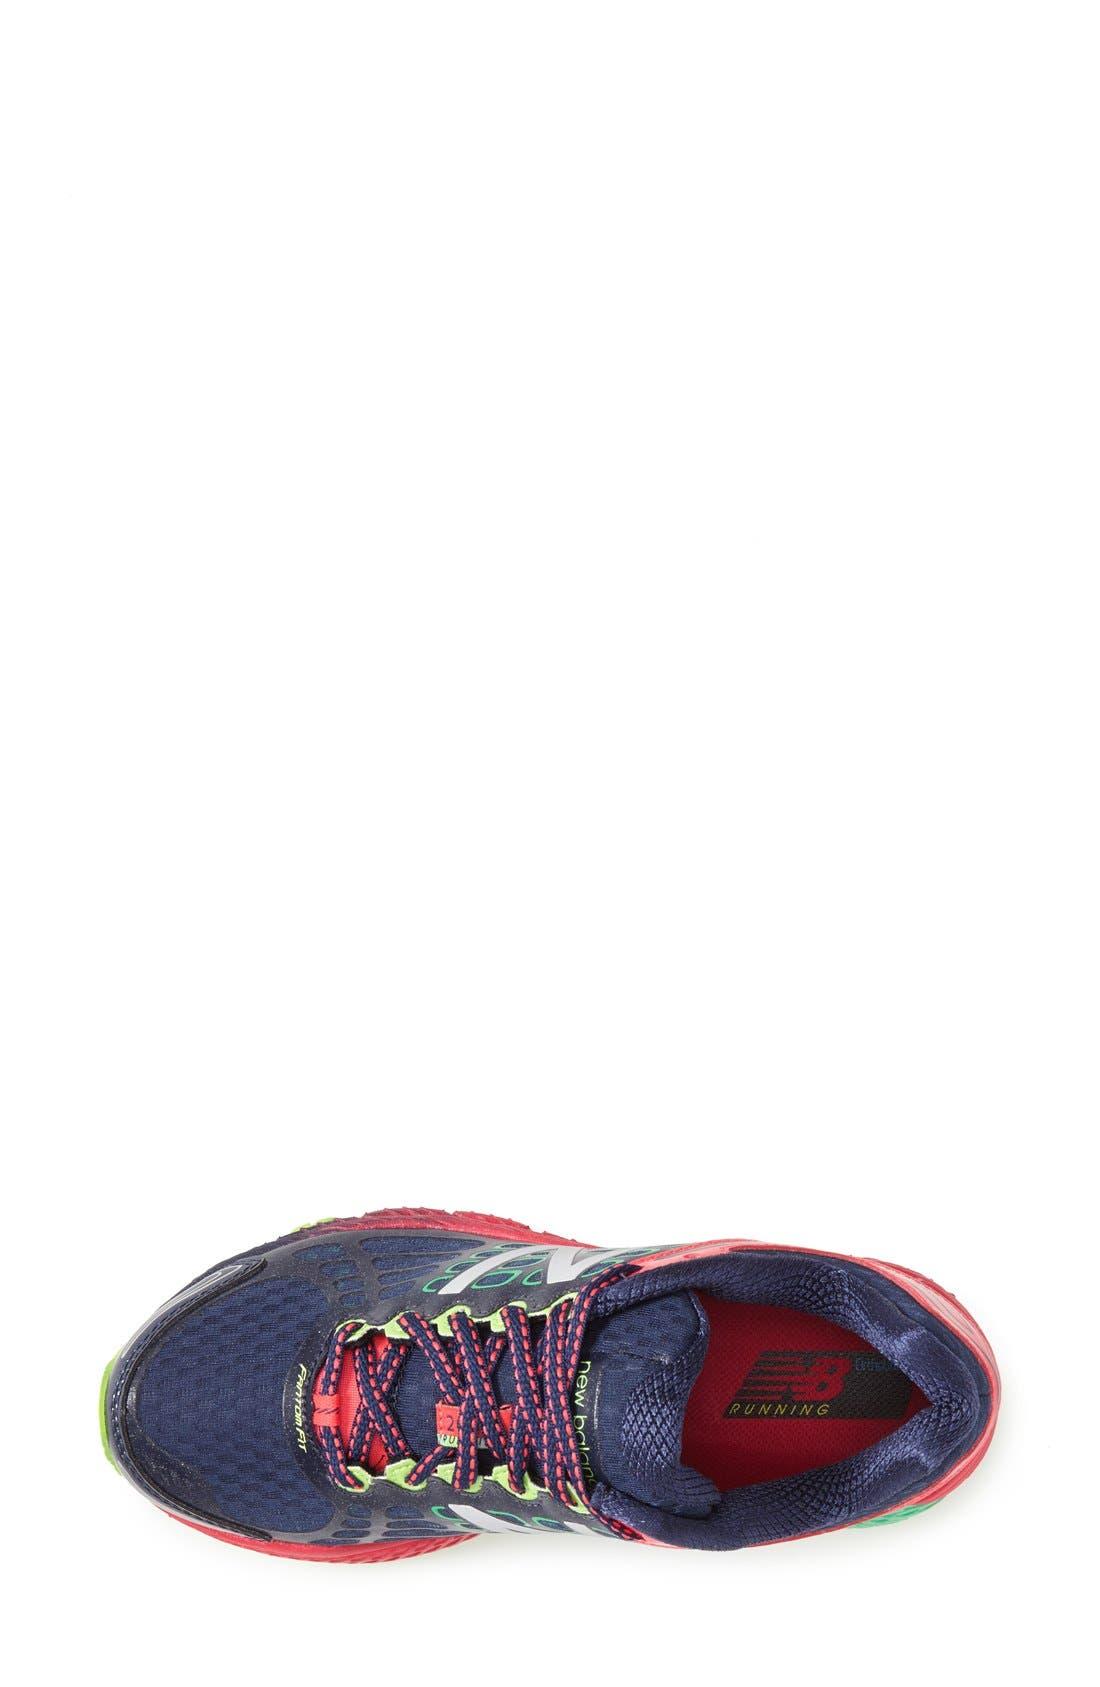 Alternate Image 3  - New Balance '1260' Running Shoe (Women)